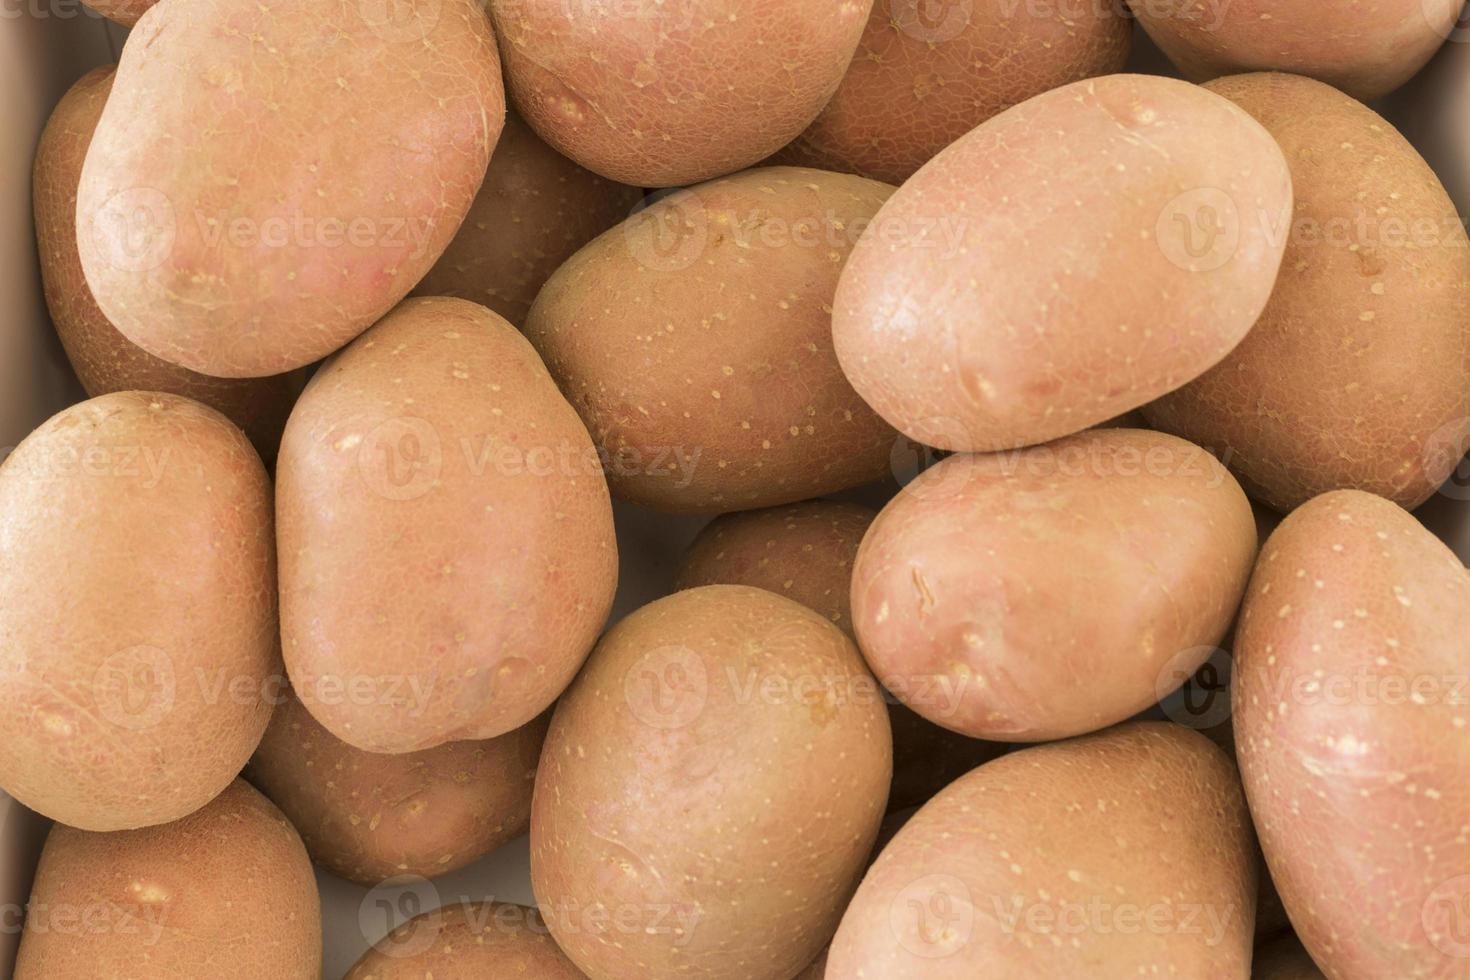 récolte des pommes de terre en été photo